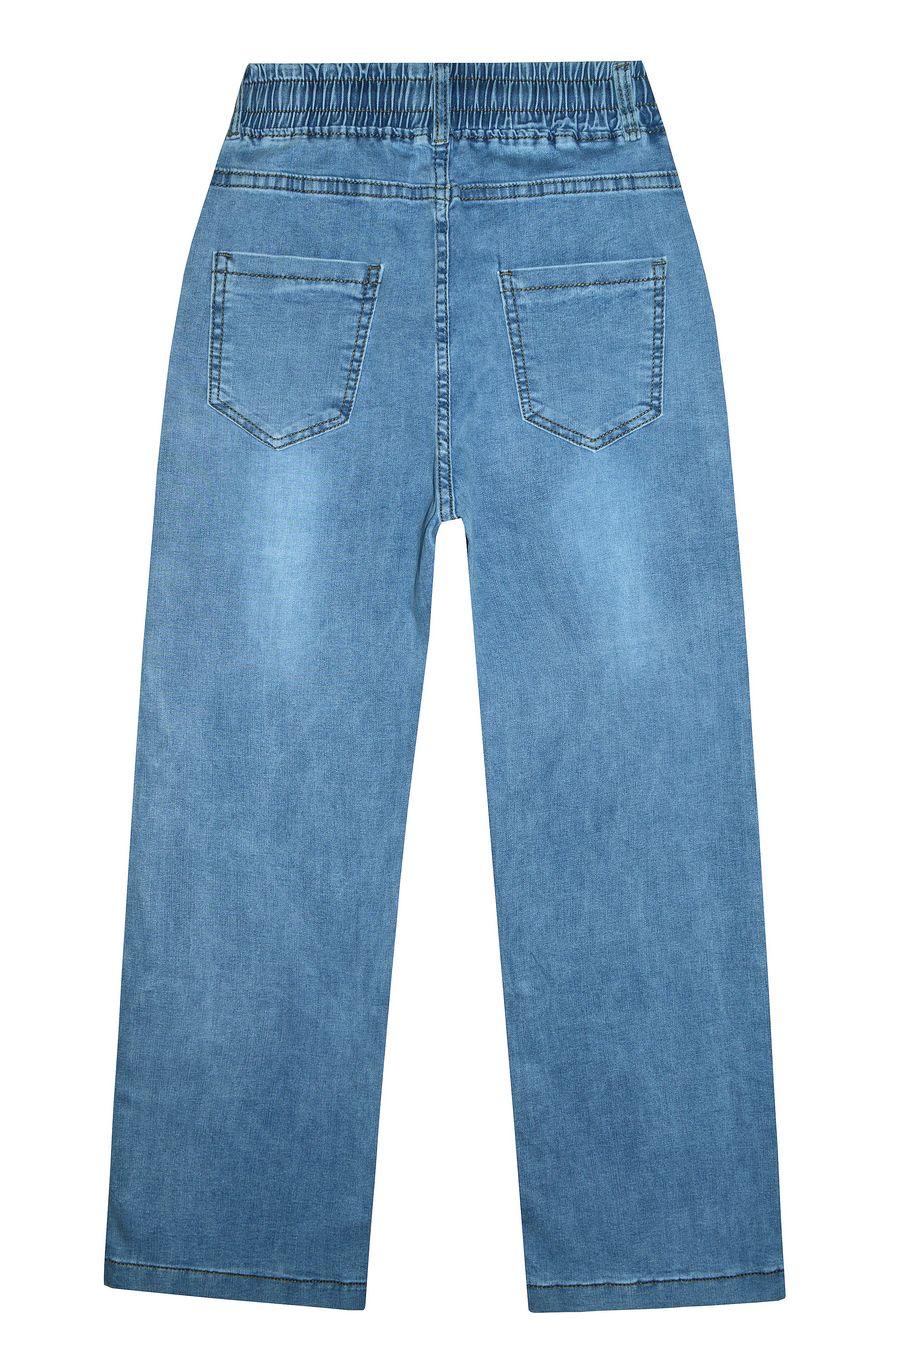 Джинсы женские K.Y Jeans 3026/3027 - фото 2